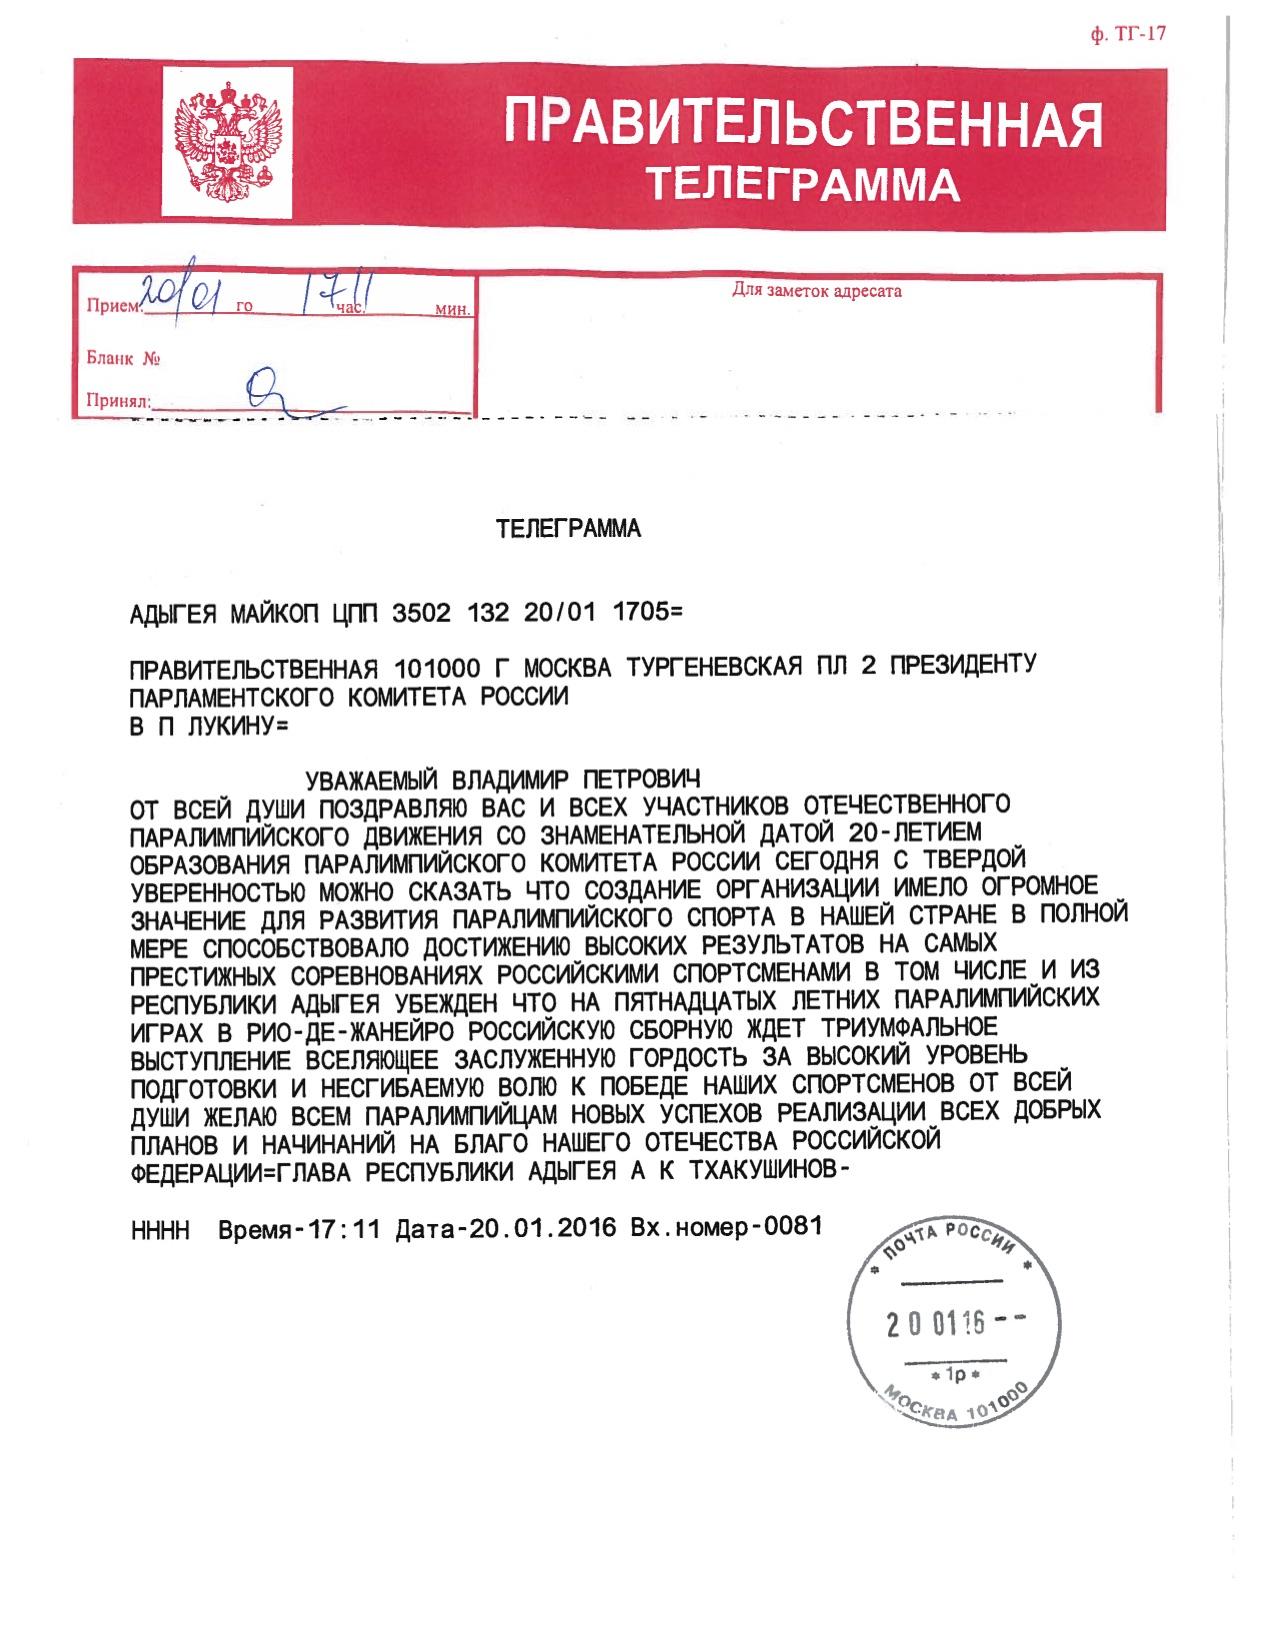 Глава Республики Адыгея А.К. Тхакушинов поздравил Паралимпийский комитет России с 20-летием